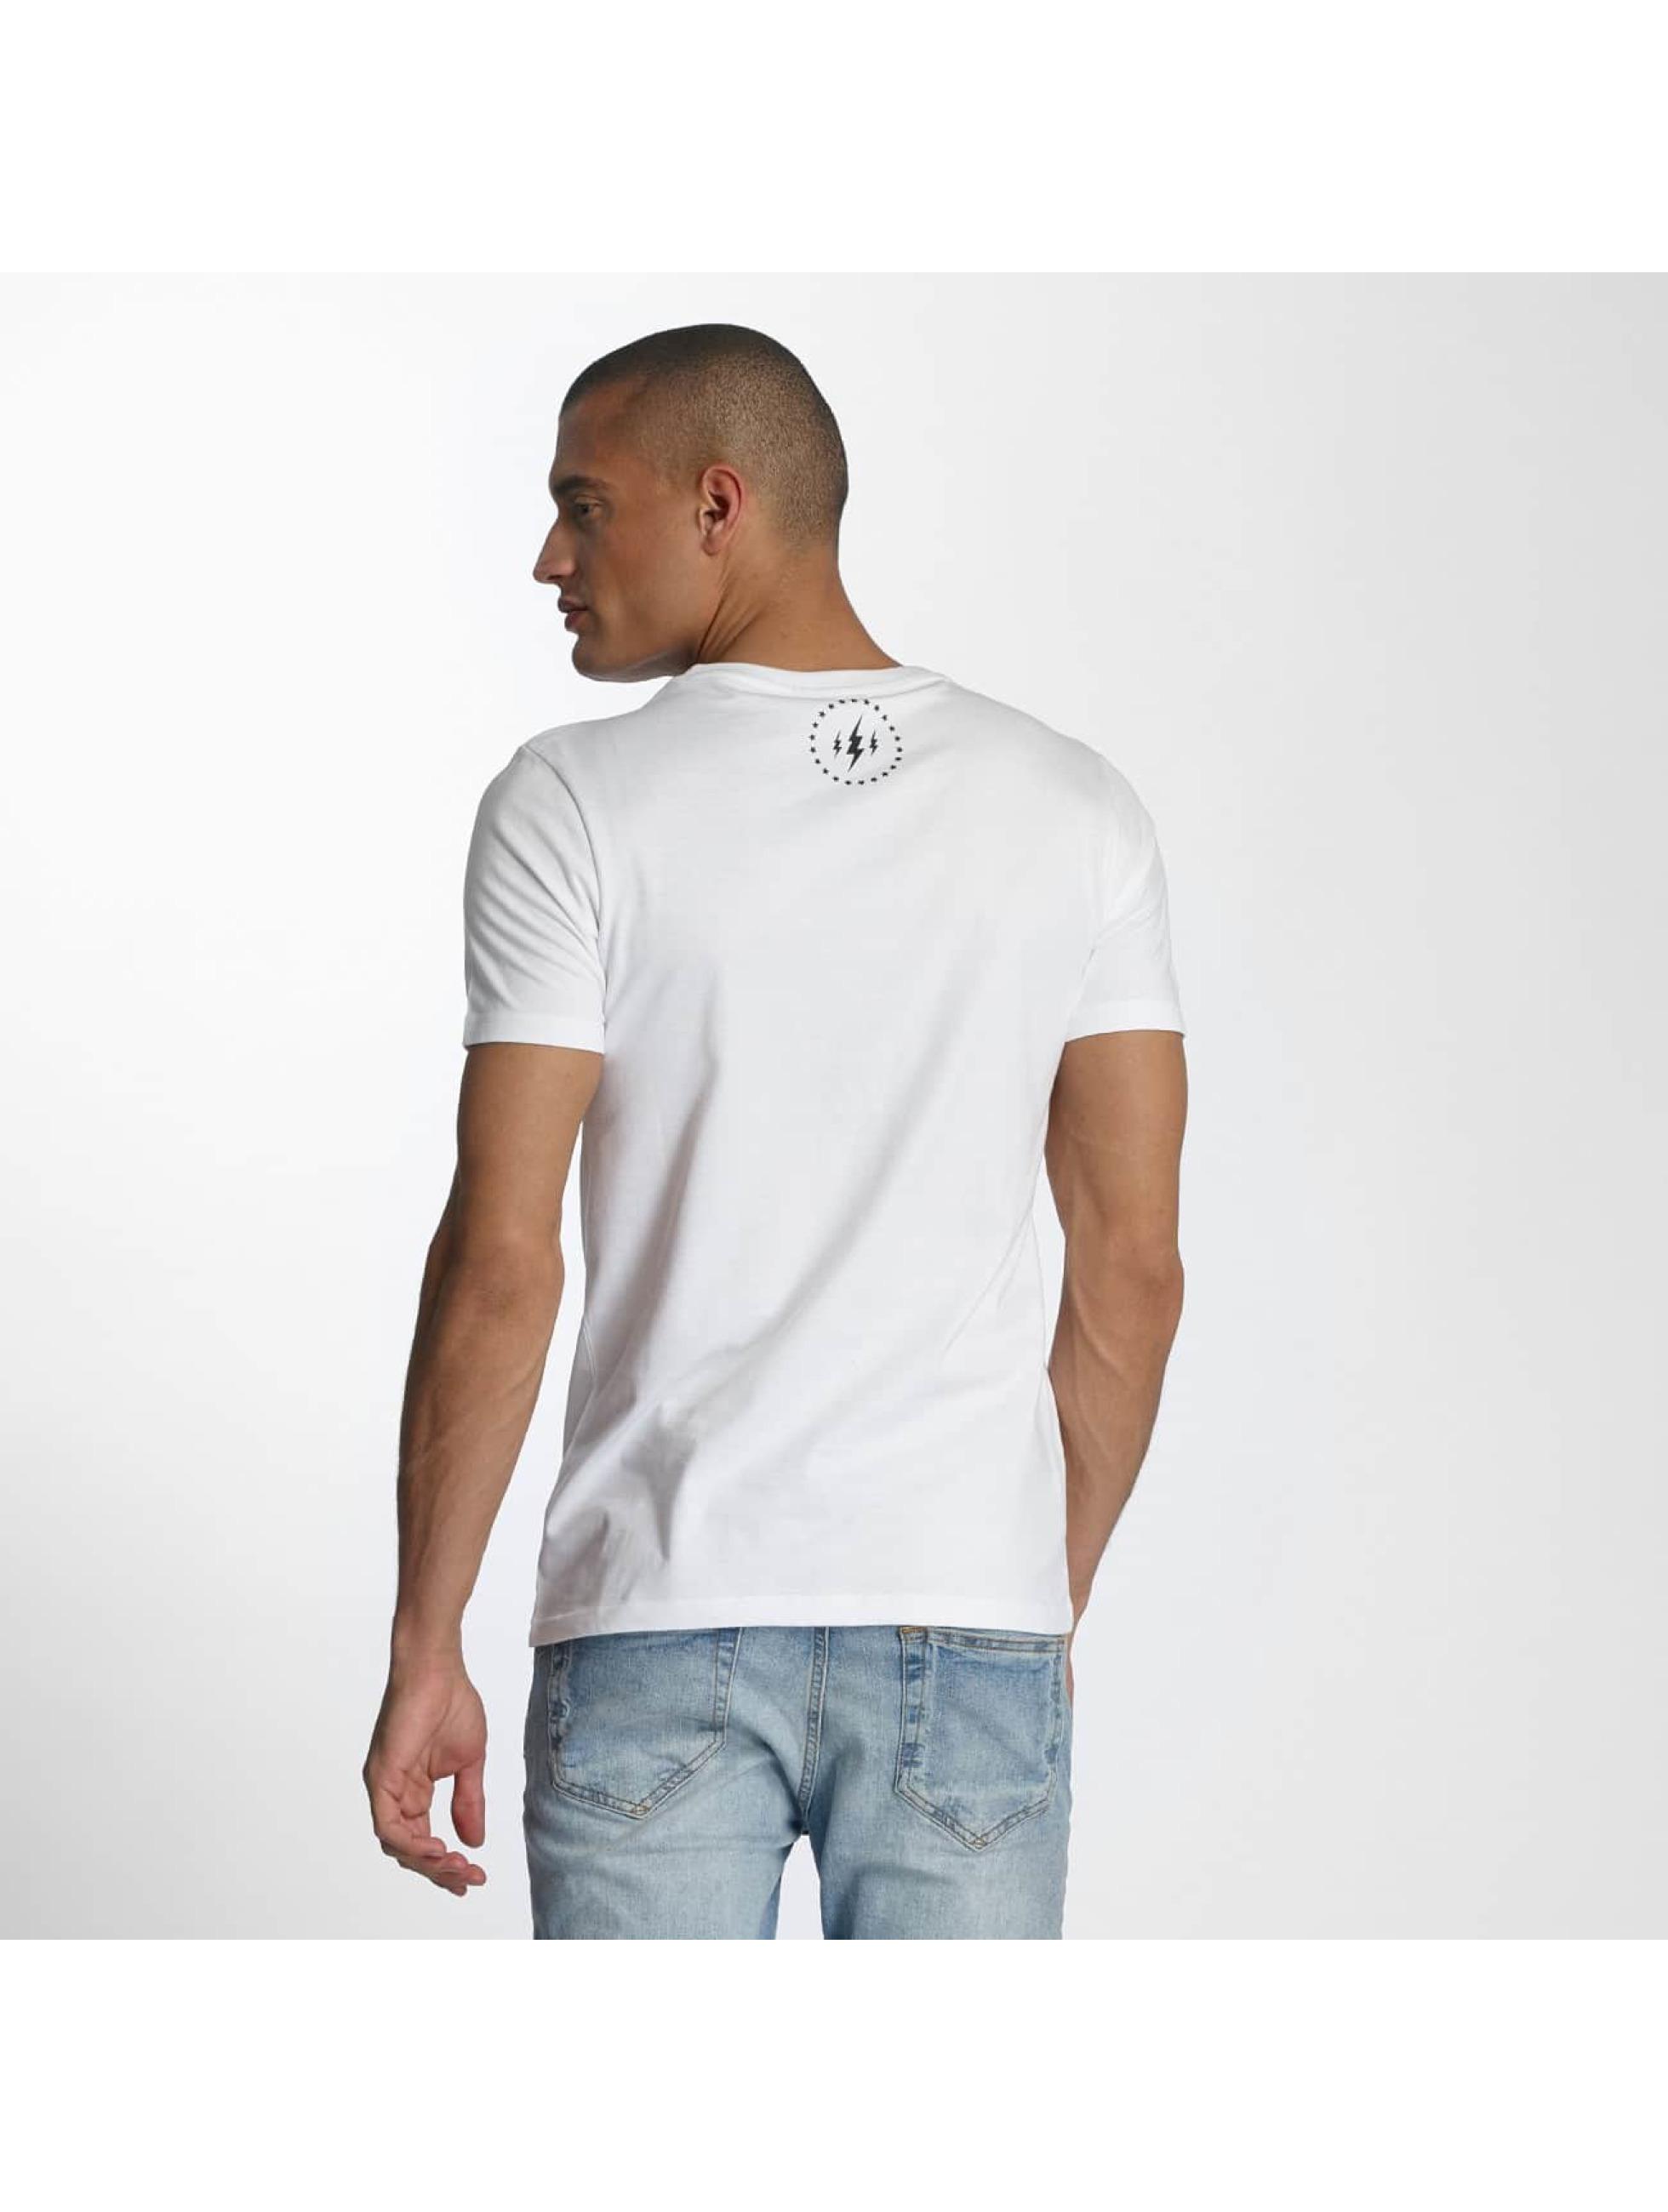 TrueSpin T-shirt 7 bianco